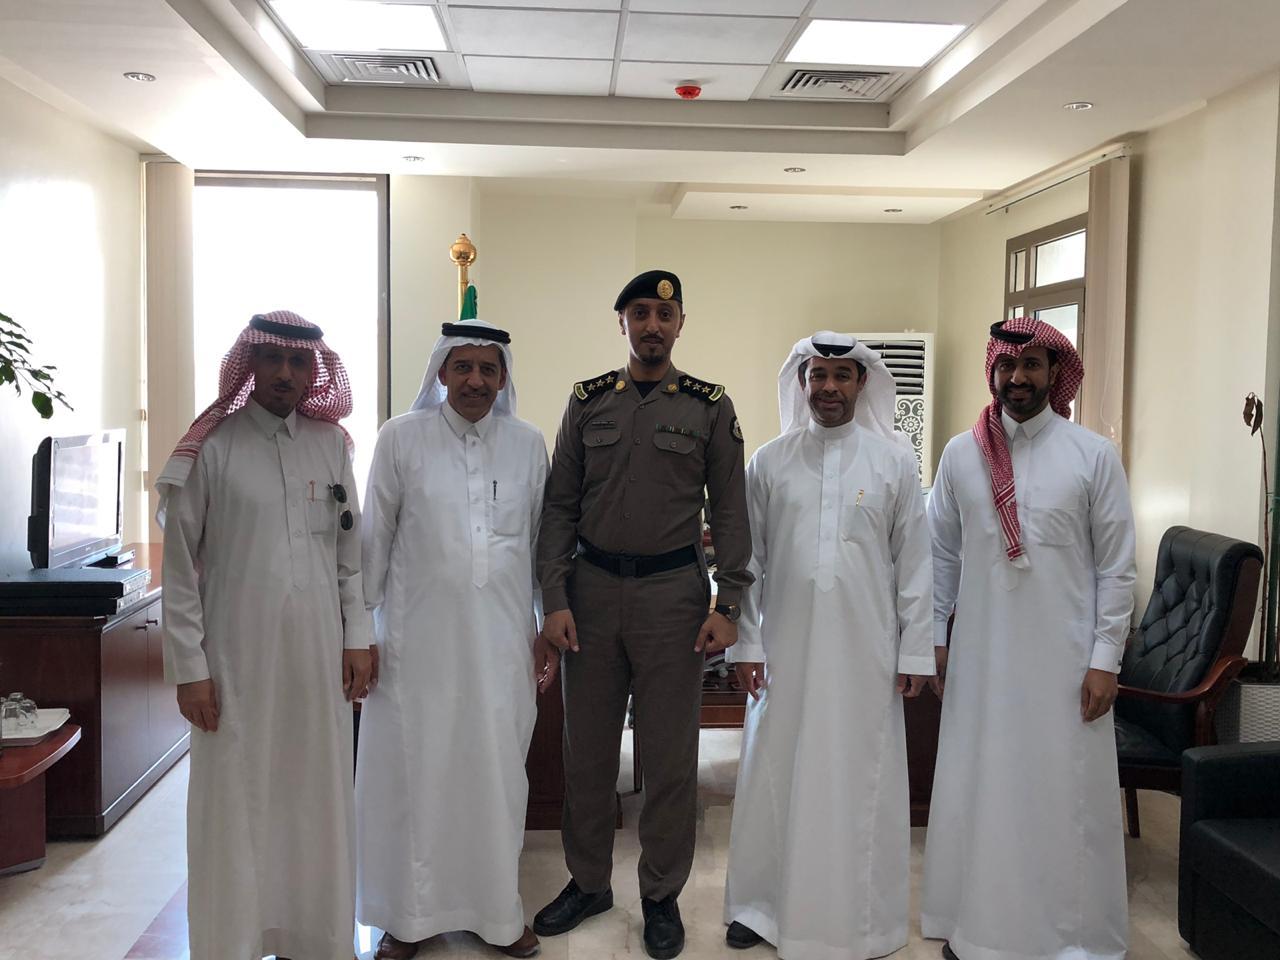 الخليج يكرم العقيد السبيعي مدير شرطة سيهات